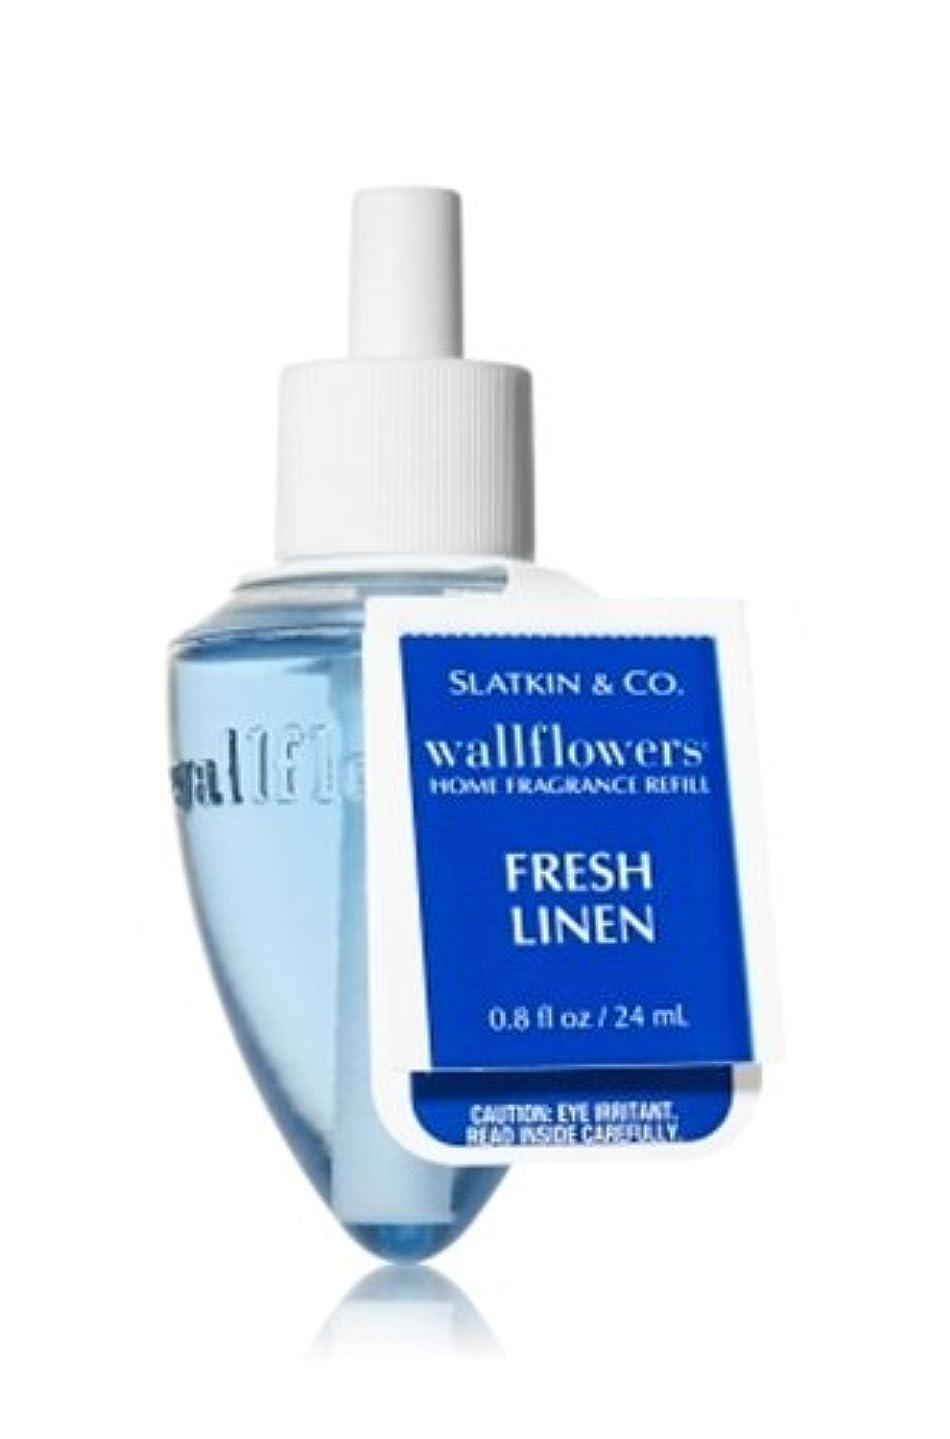 天気アスペクト滅多Bath & Body Works(バス&ボディワークス)フレッシュ?リネン ホームフレグランス レフィル(本体は別売りです)Fresh Linen Wallflowers Refill Single Bottles